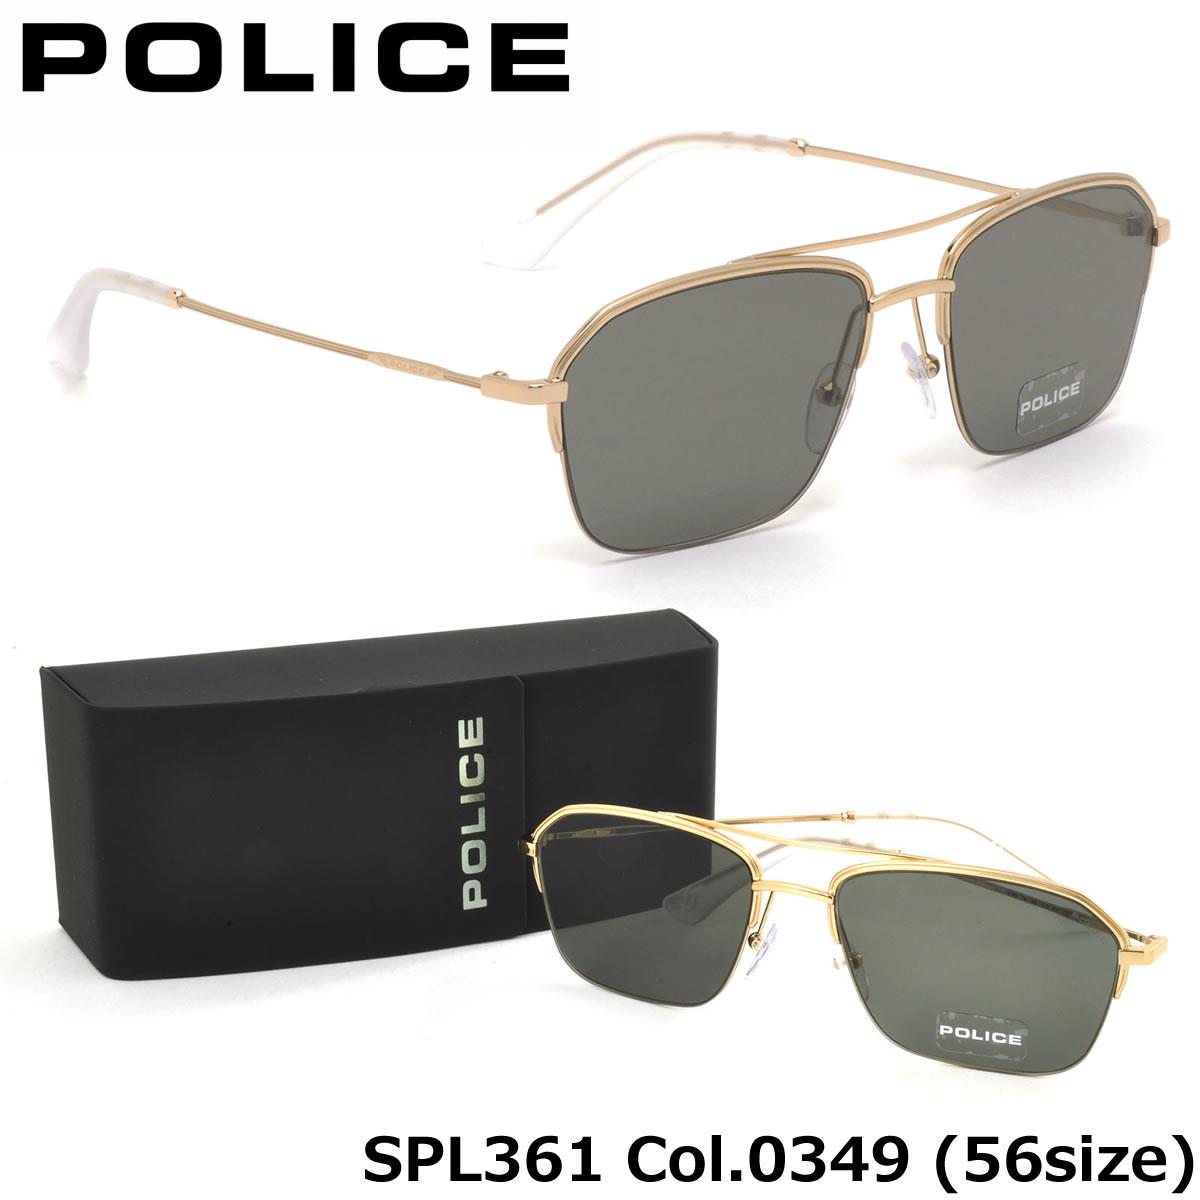 ポイント最大42倍!!お得なクーポンも !! 【ポリス】 (POLICE) サングラスSPL361 0349 56サイズHIGHWAYZERO1 フラットレンズ ツーブリッジPOLICE メンズ レディース